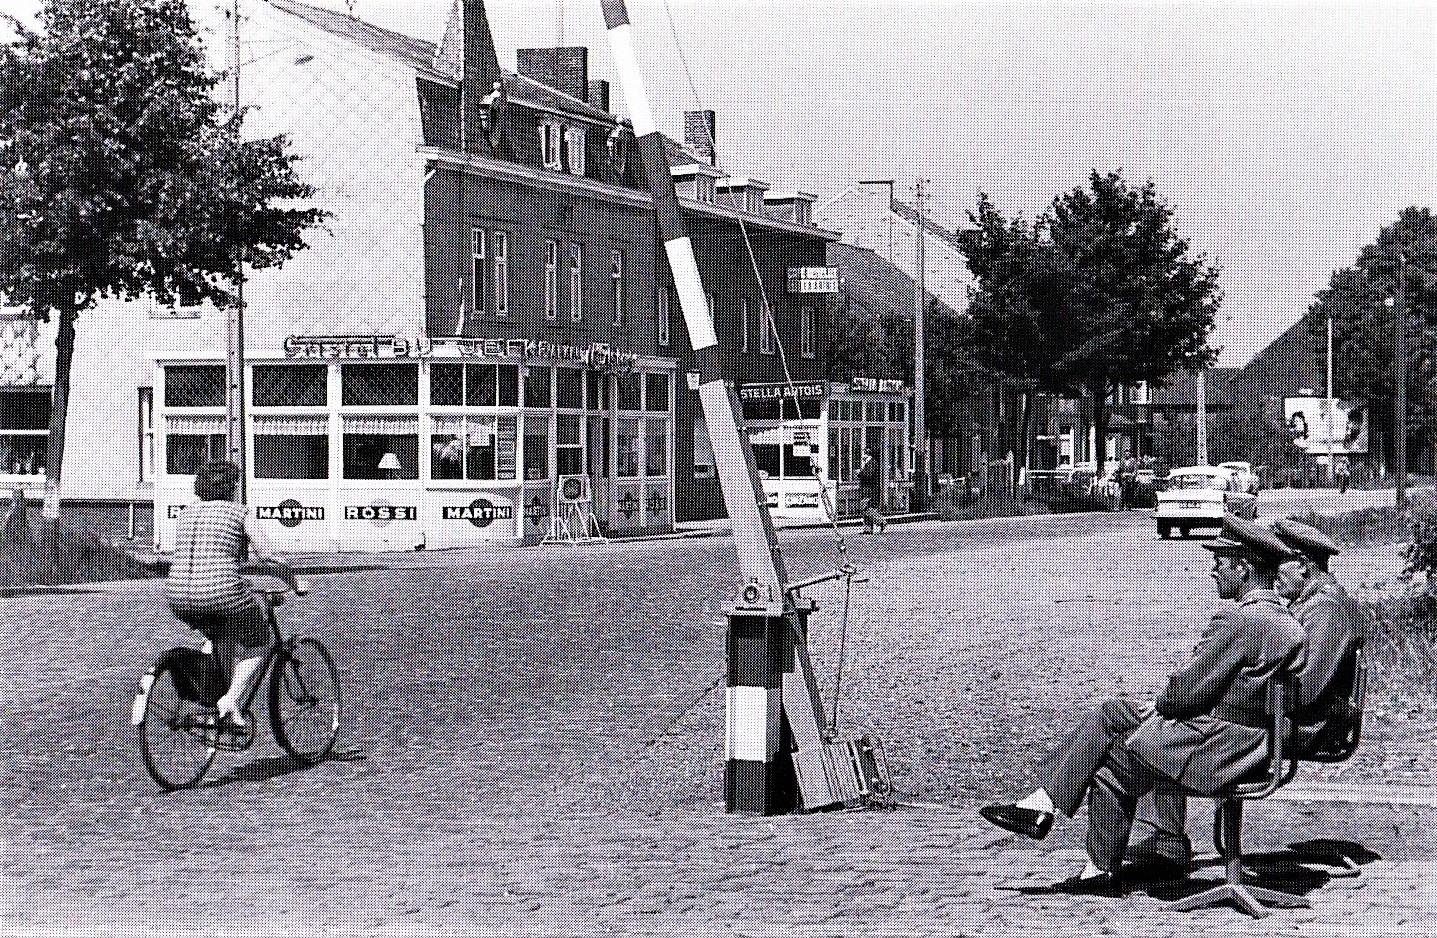 Grens-Vroenhoven